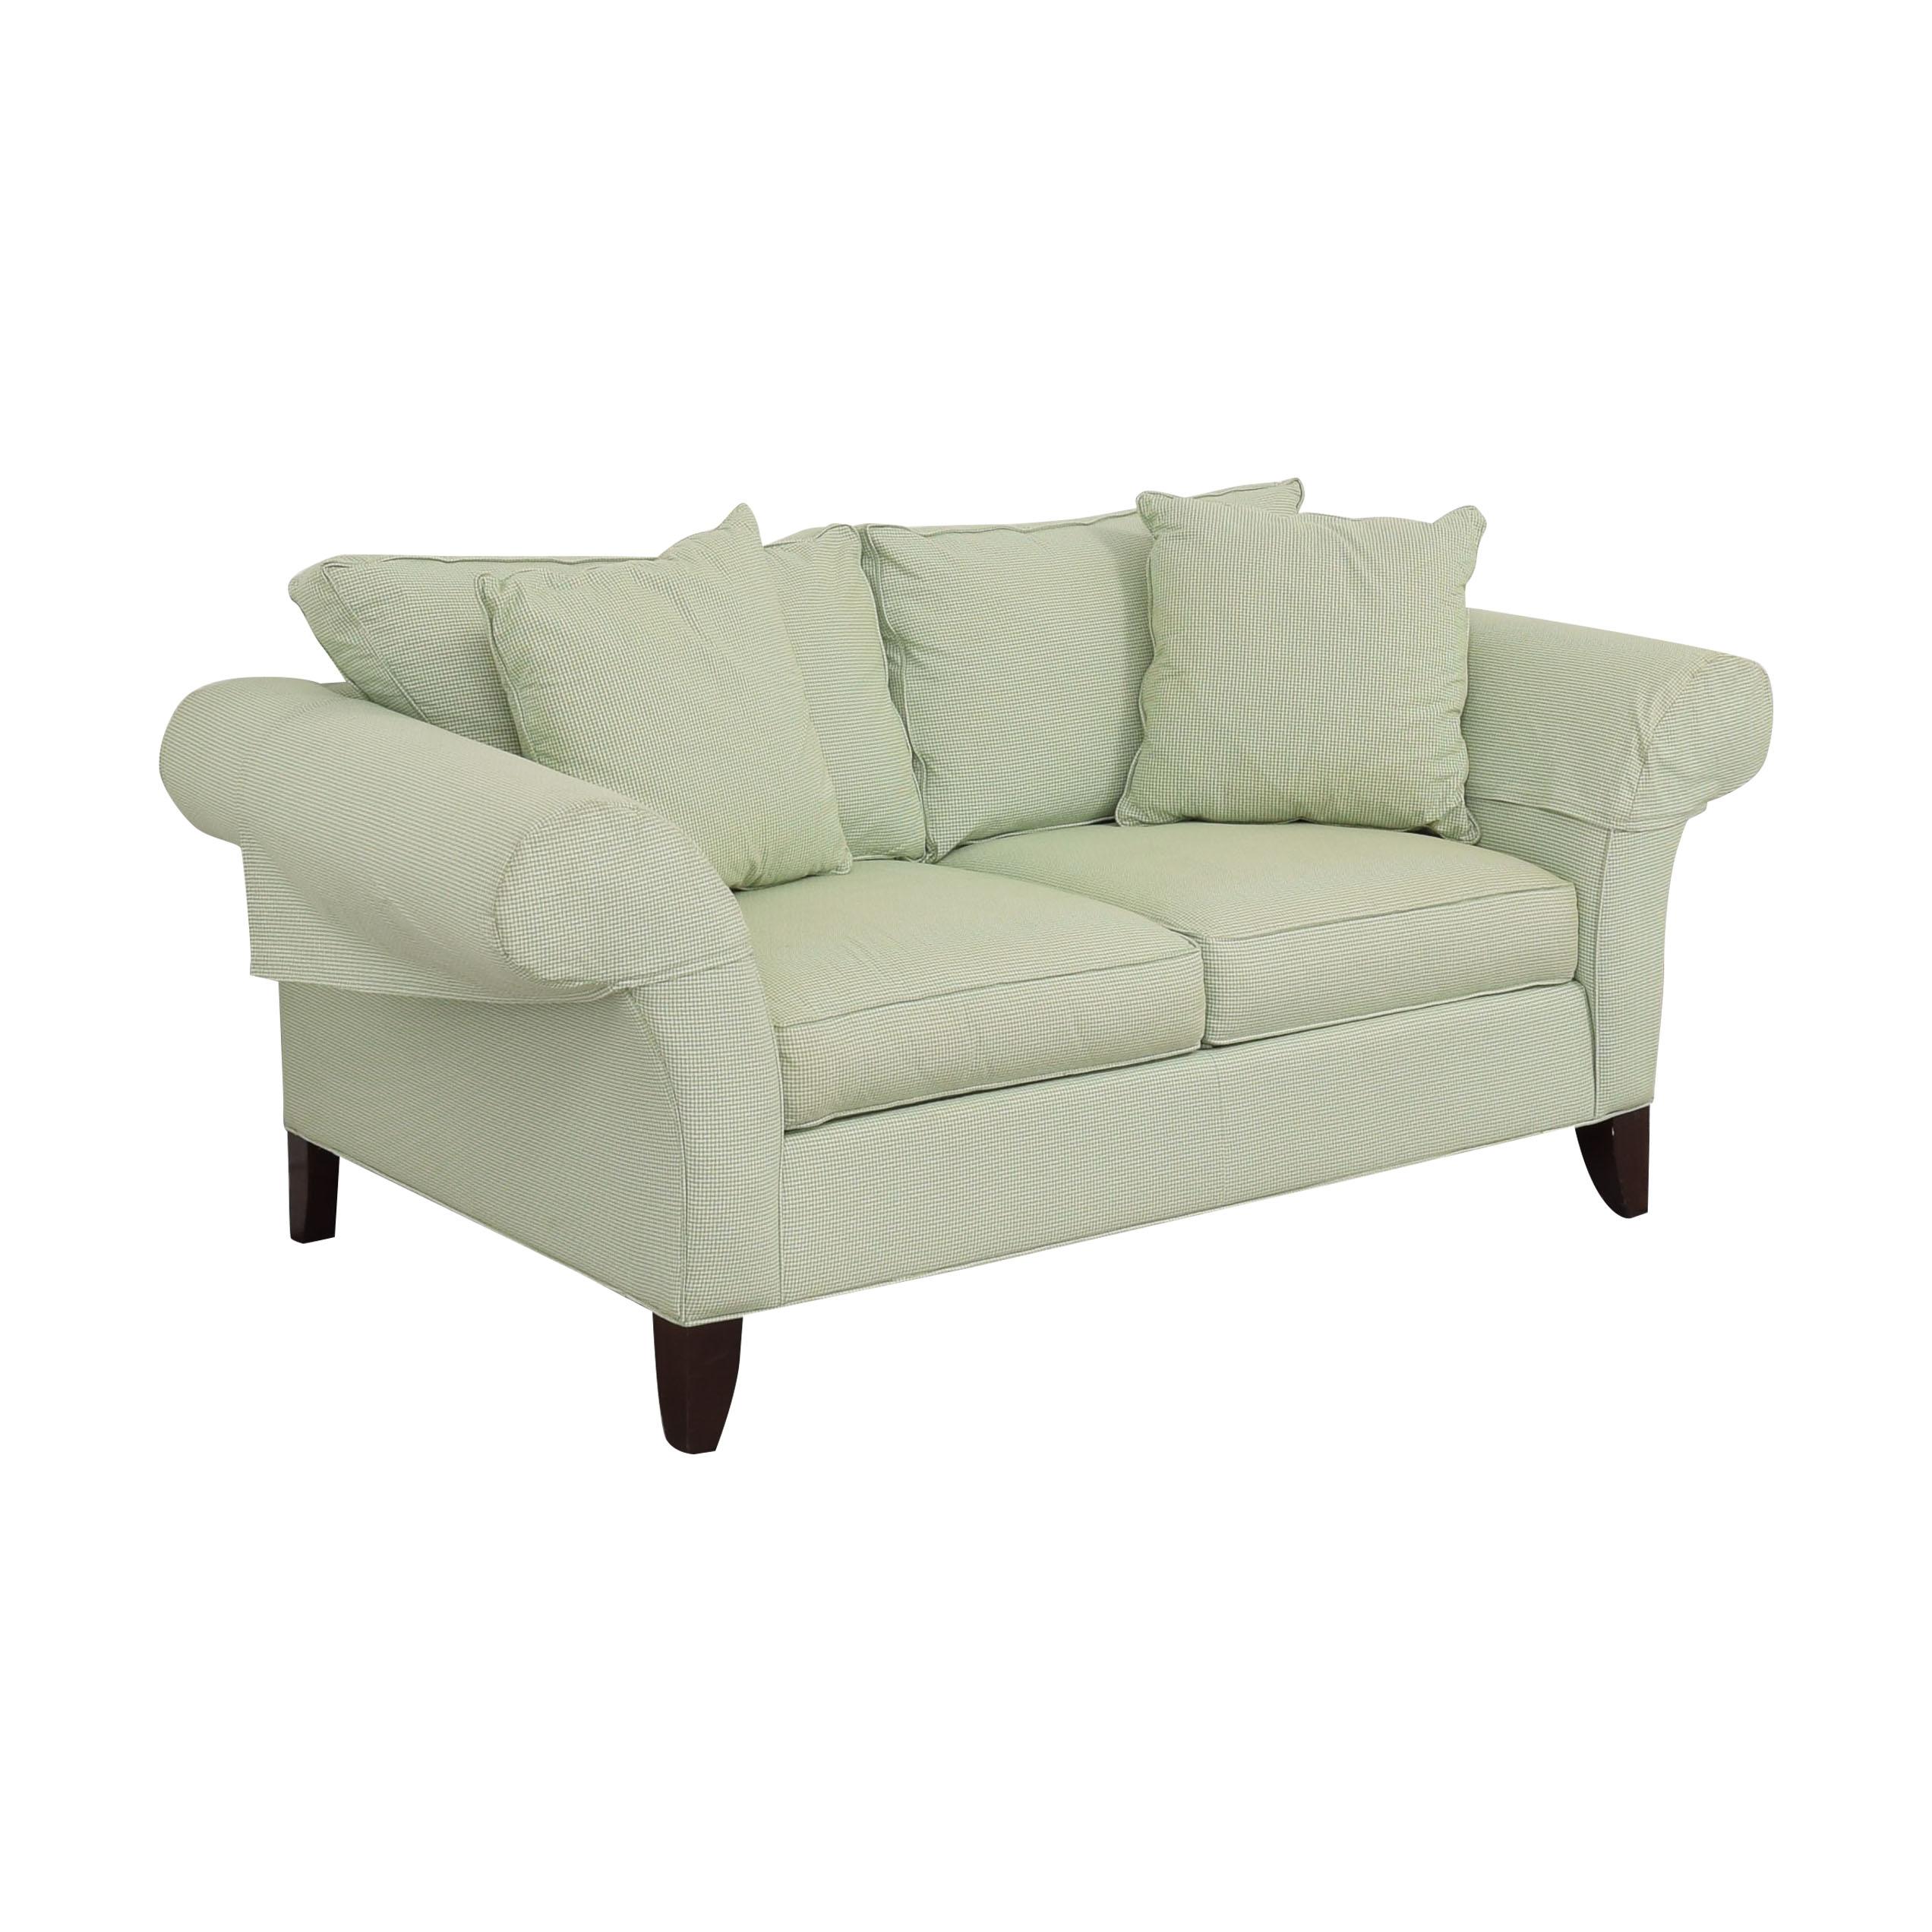 Ethan Allen Ethan Allen Two Cushion Loveseat price